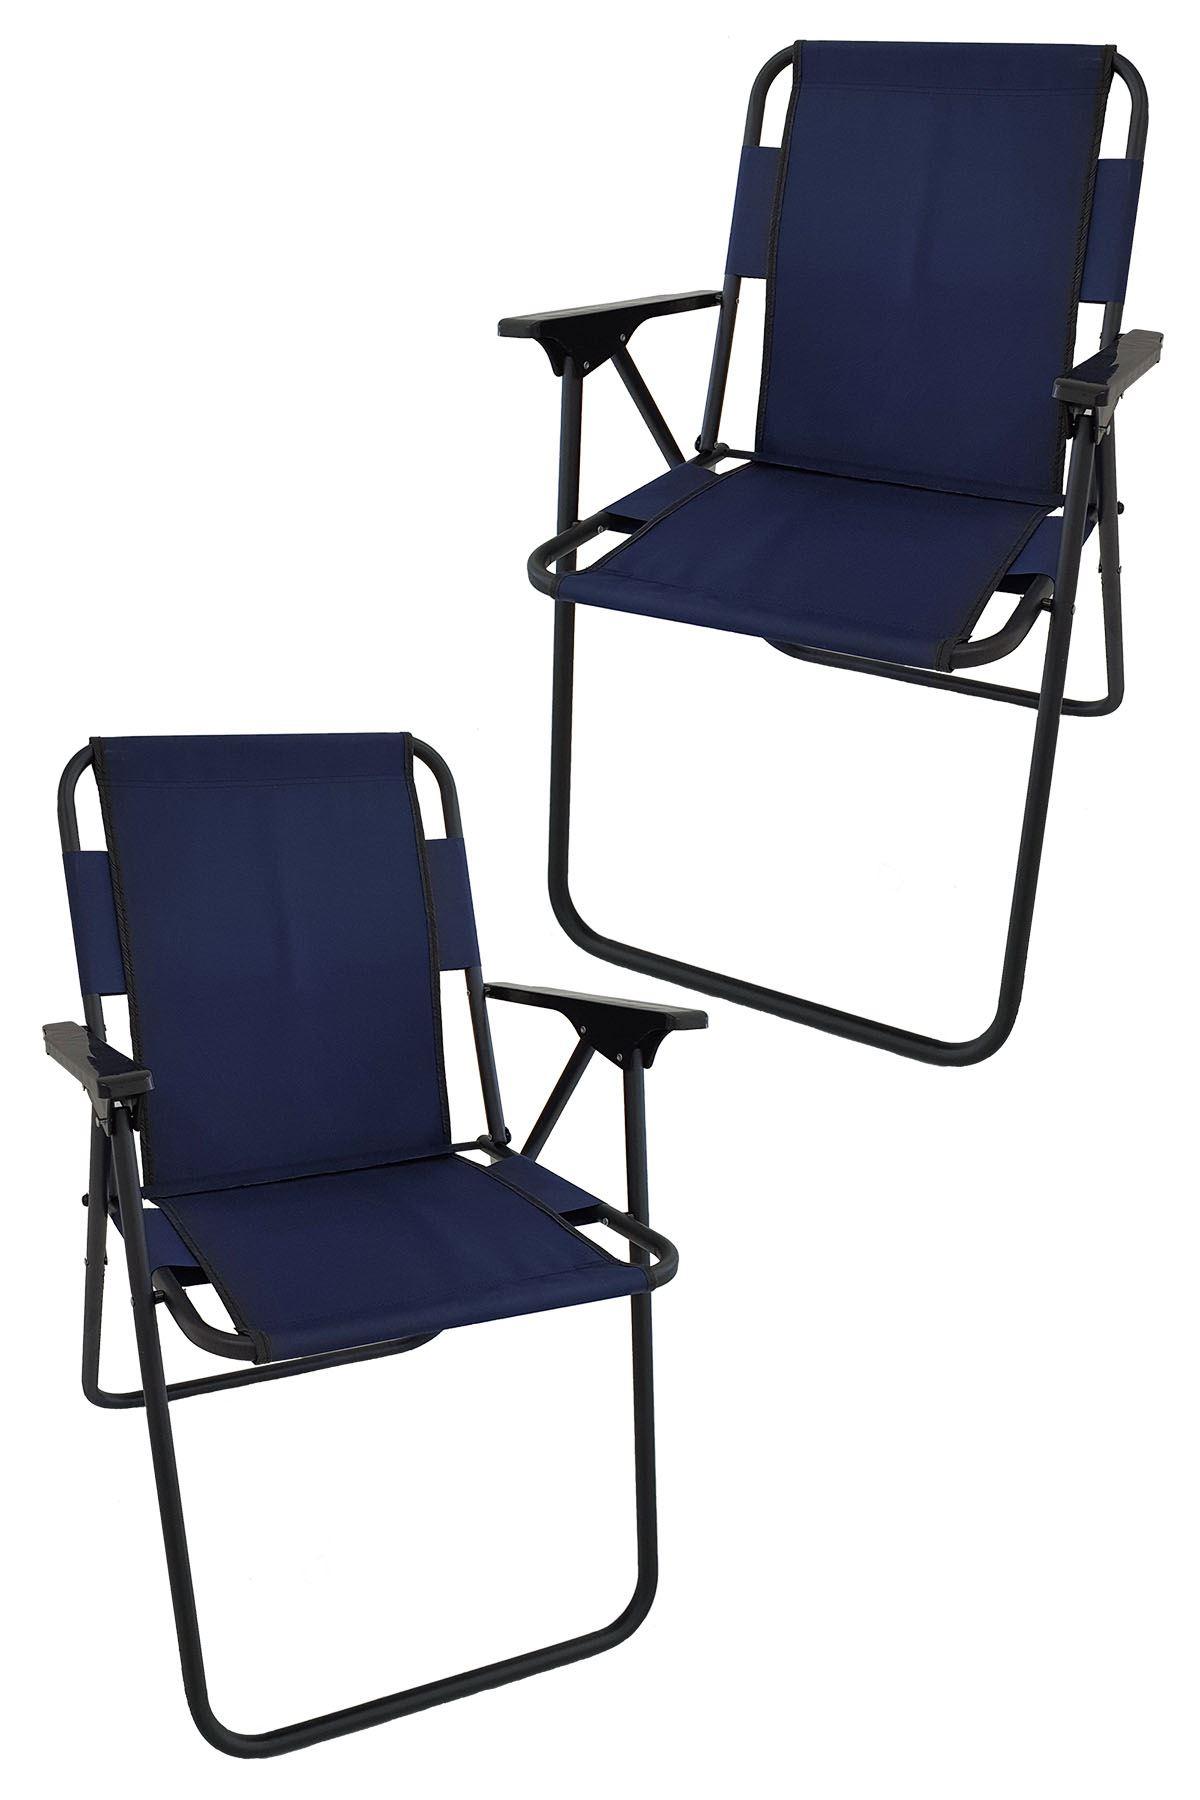 Bofigo 2 Pcs Camping Chair Folding Chair Picnic Chair Beach Chair Navy Blue